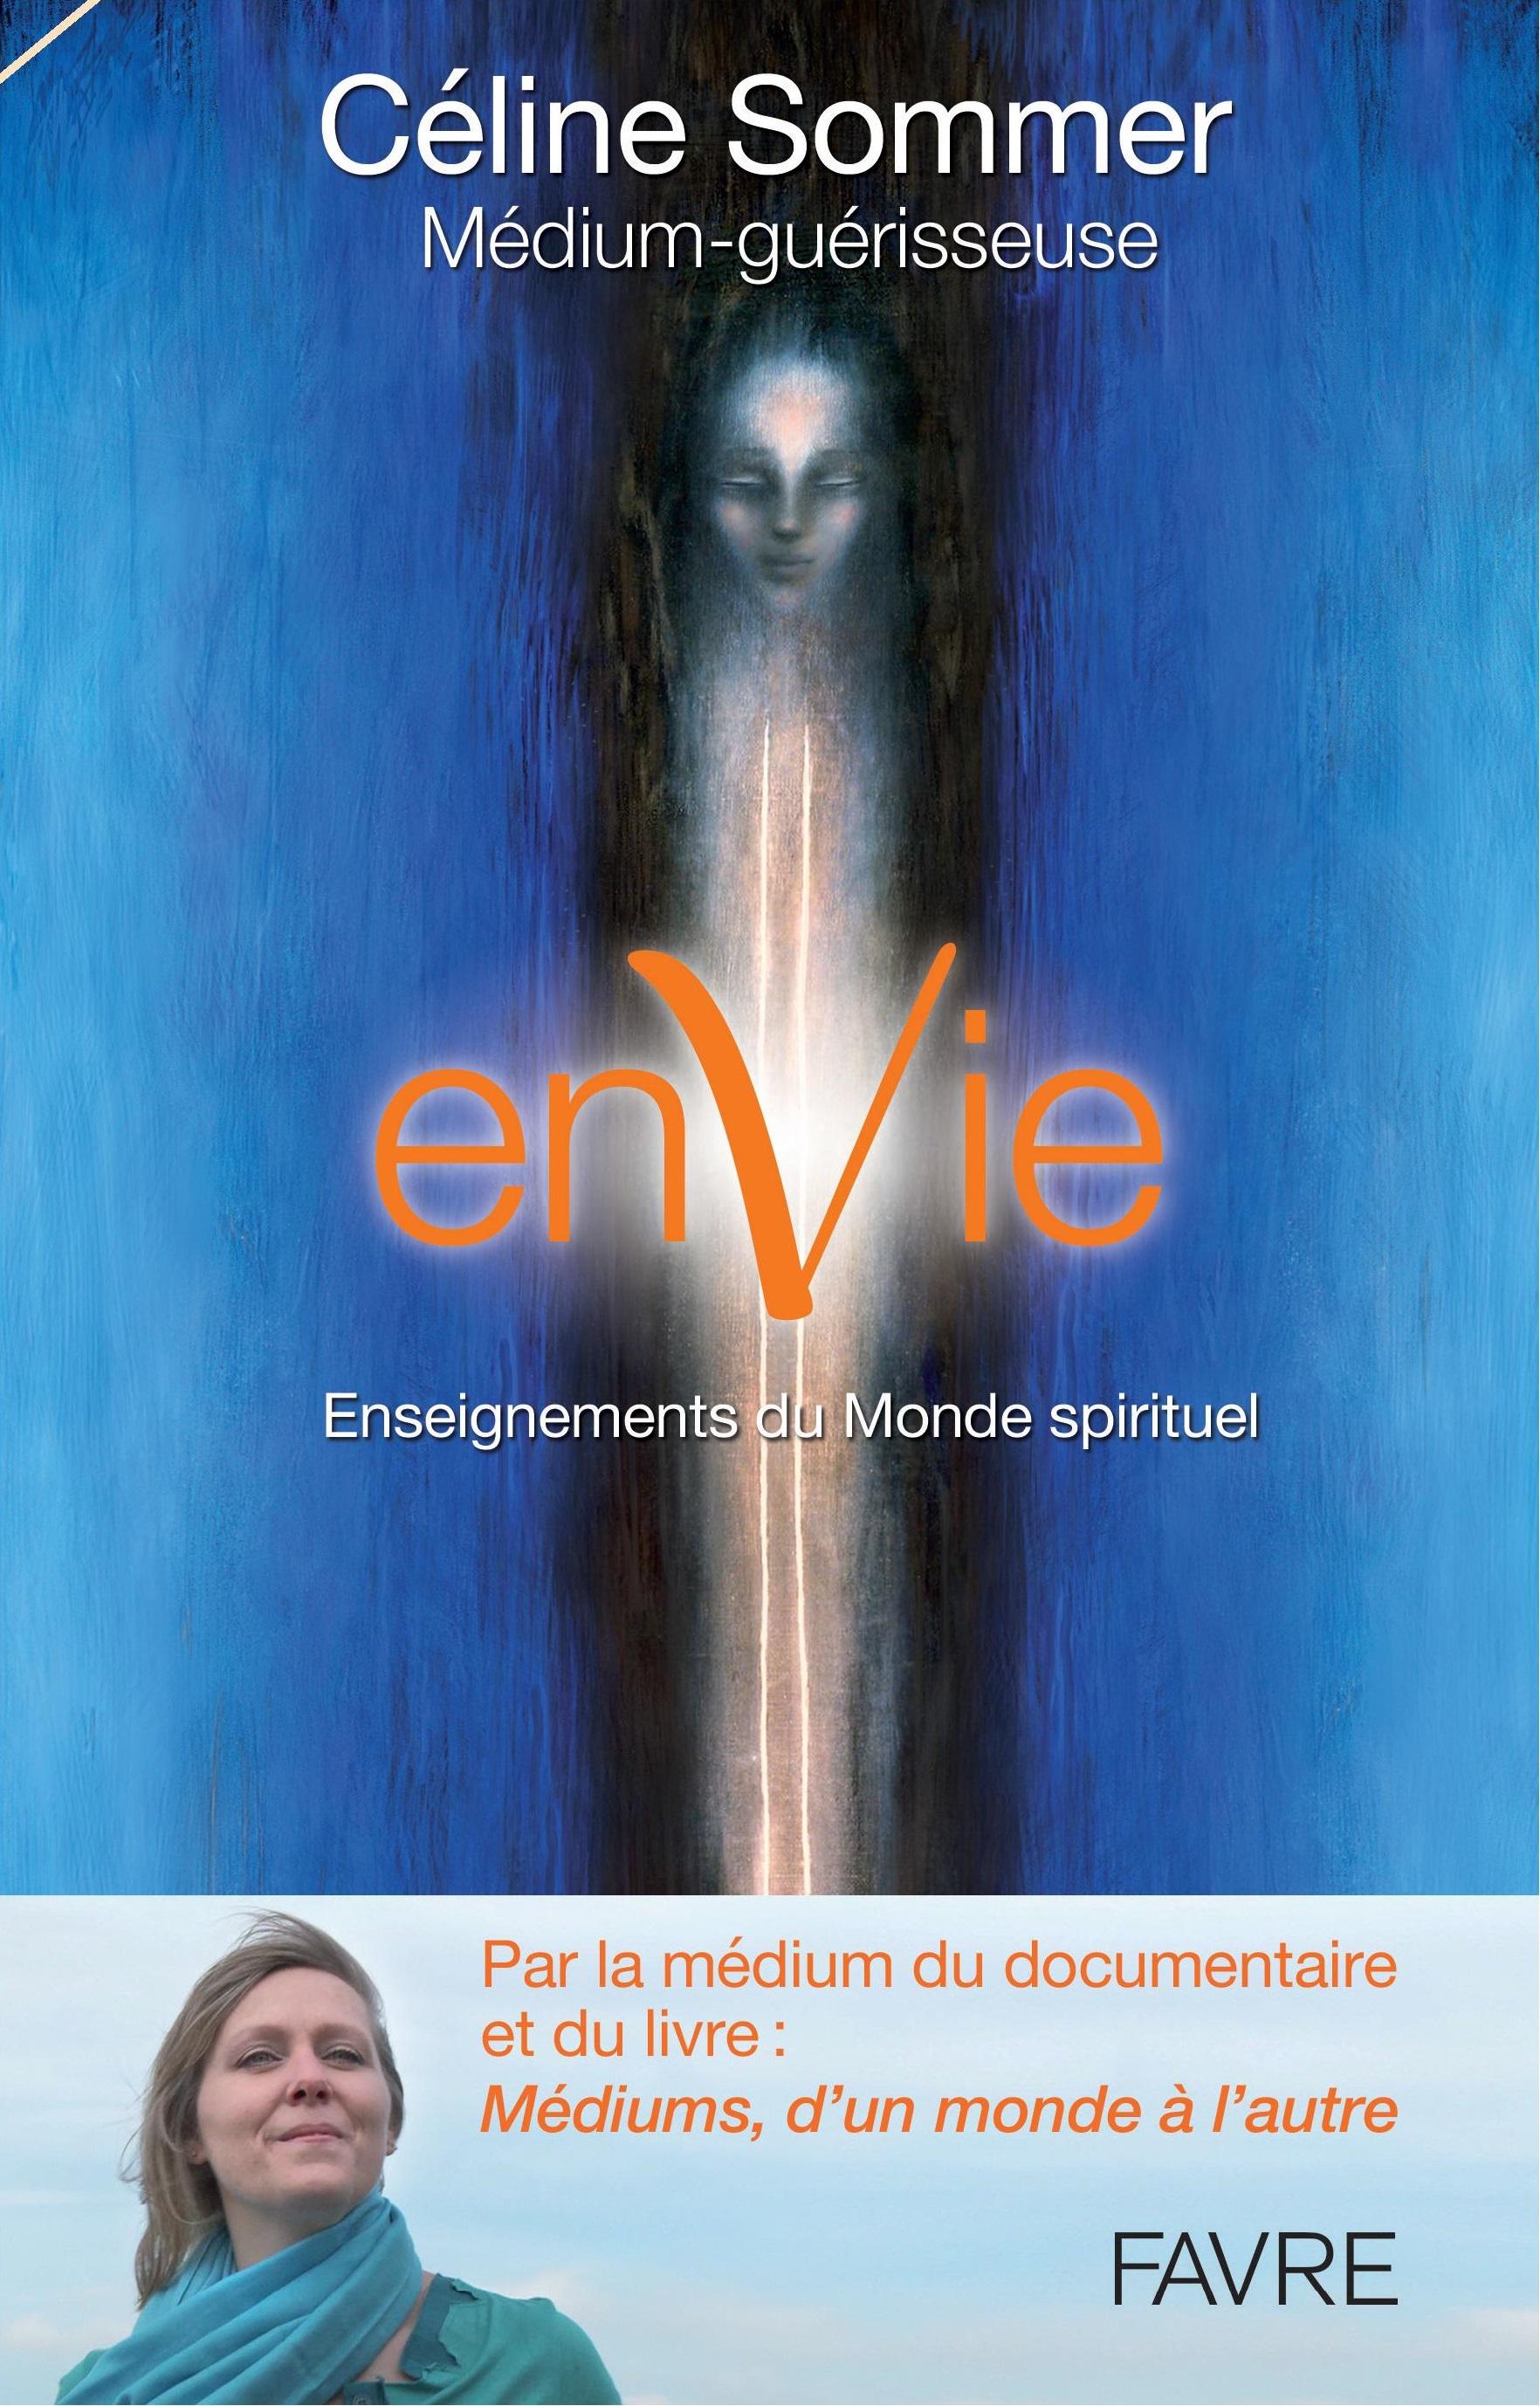 Mercredi 5 décembre 2018 – 20h00 : Invitation au vernissage du nouveau livre de Céline : enVie